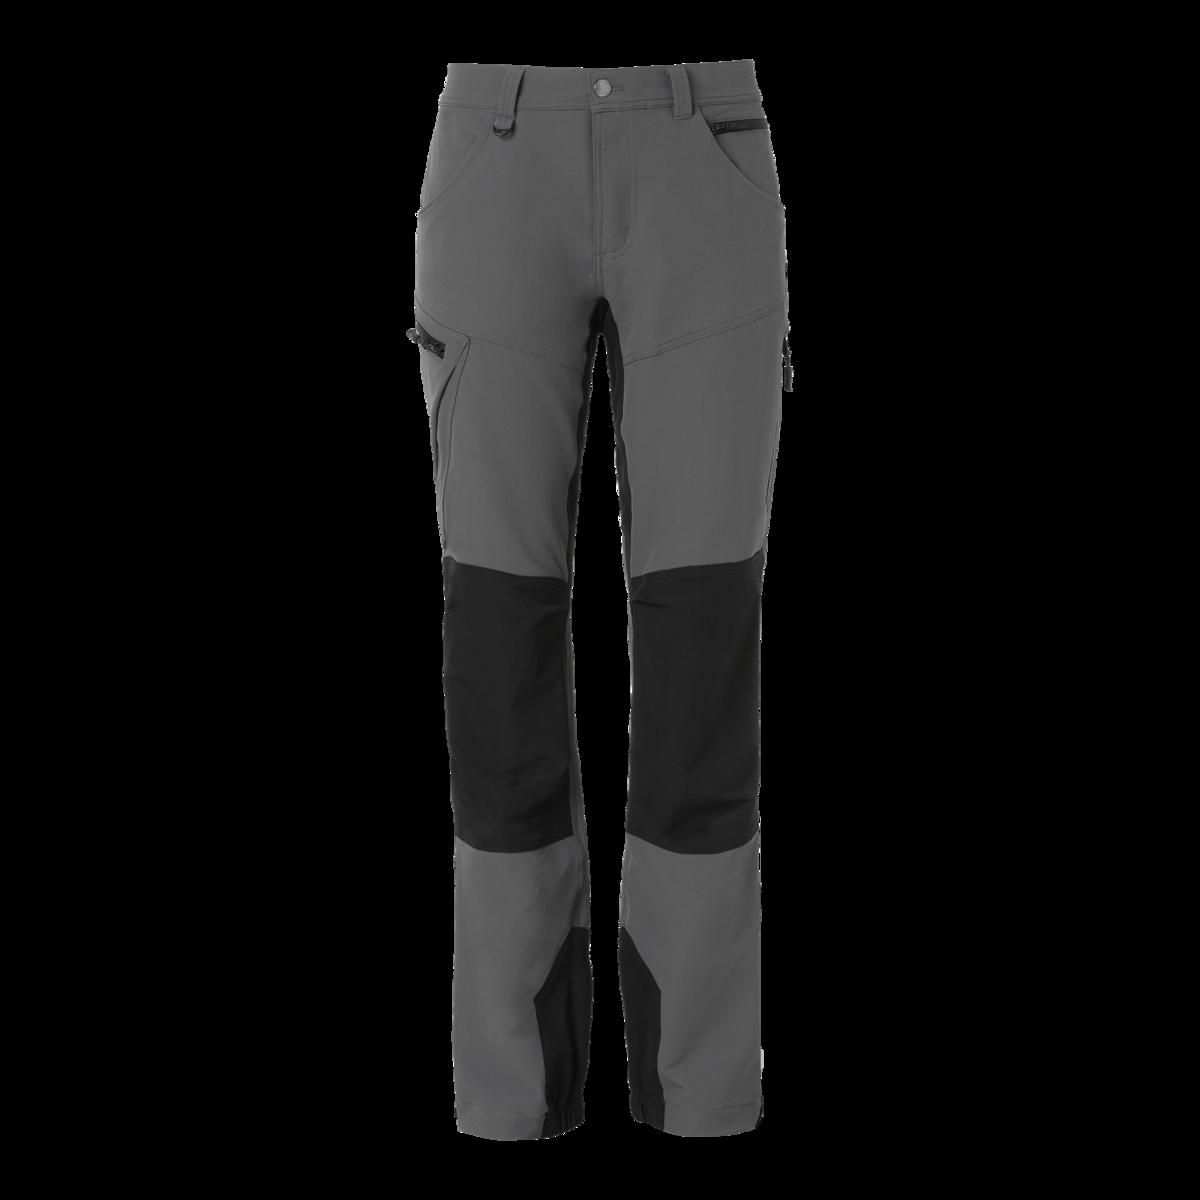 906 Wega naisten housut hybrid   Norfa työvaatteet